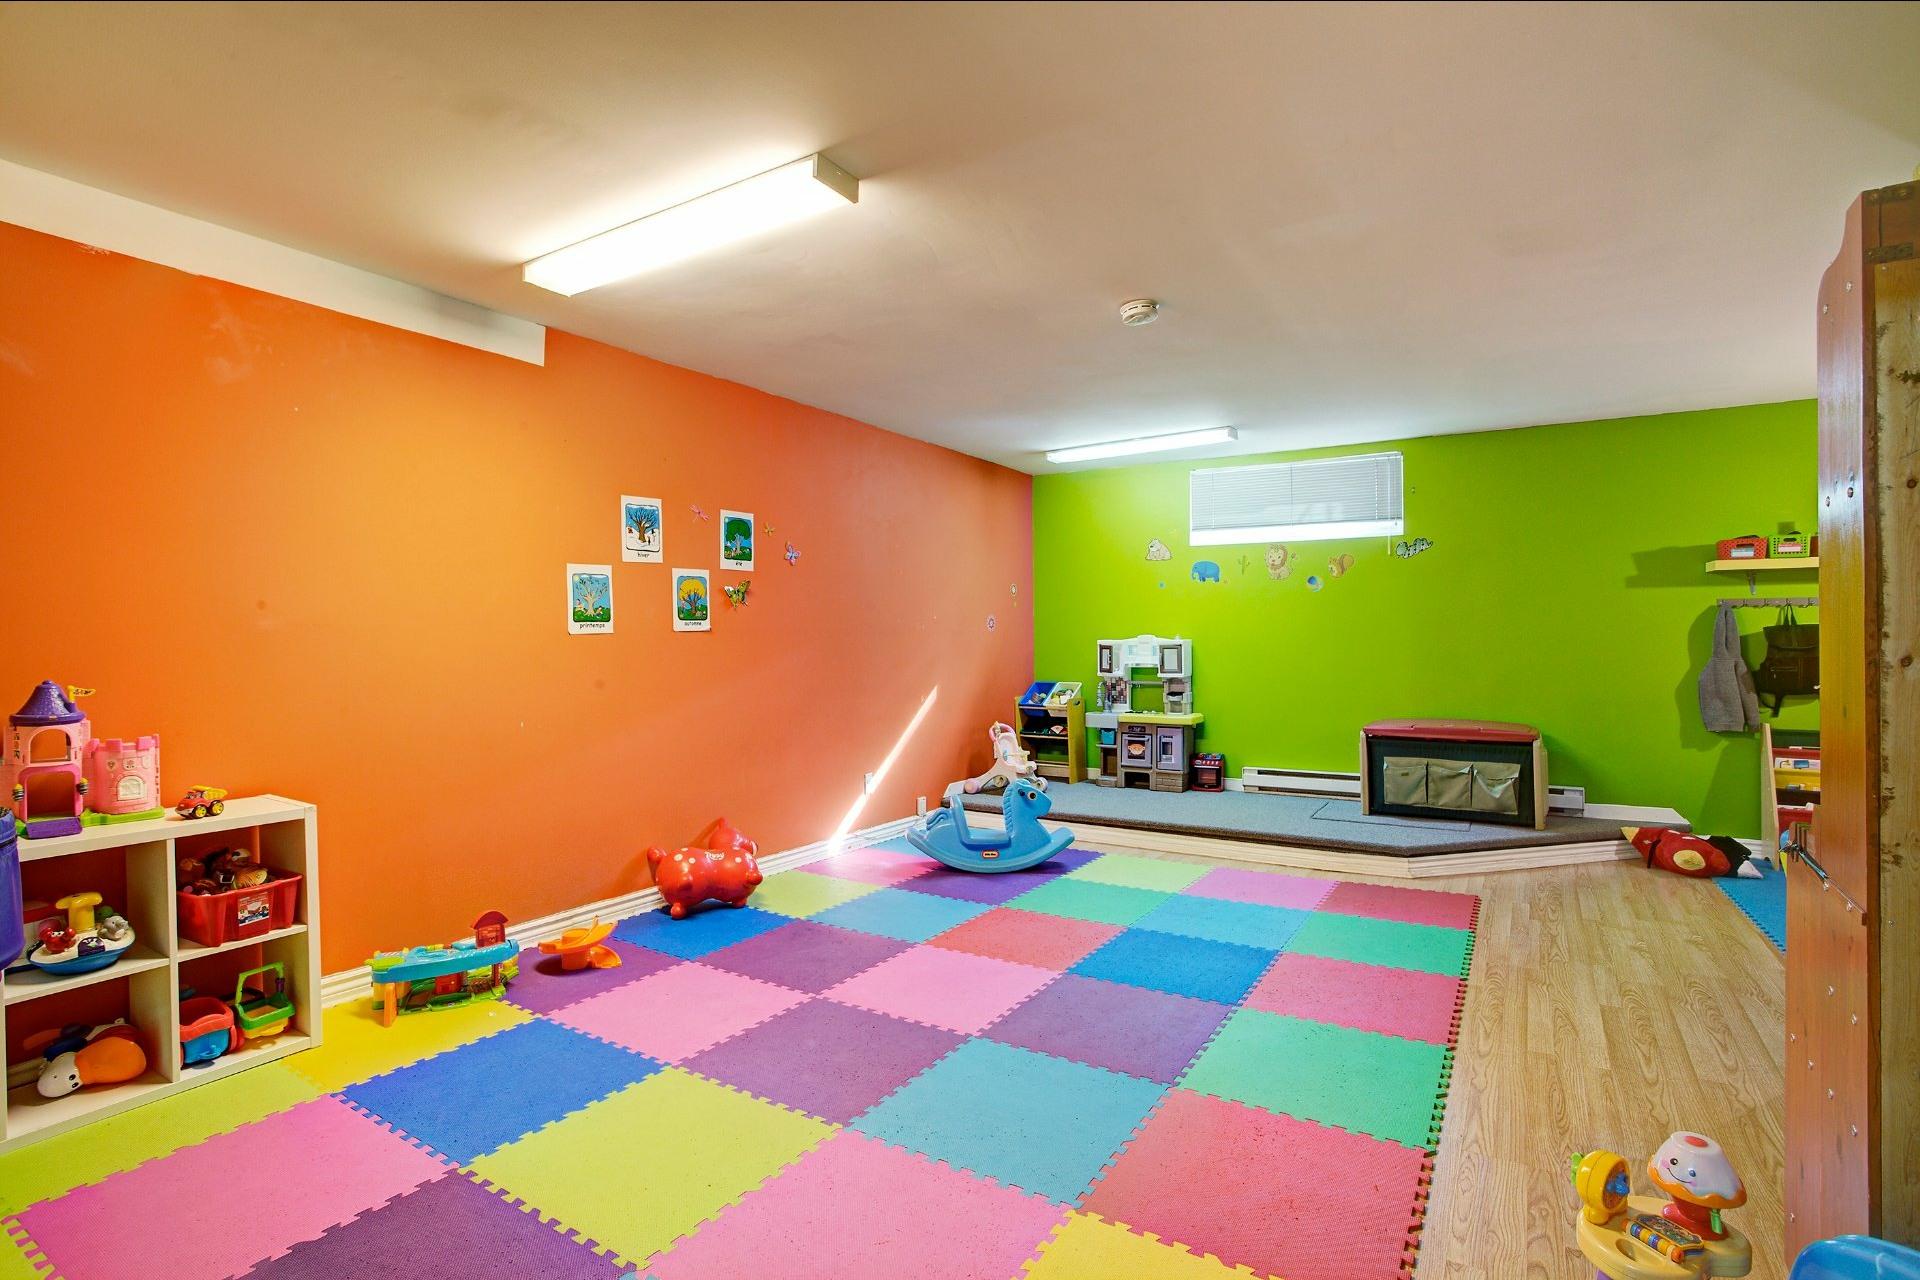 image 19 - House For sale Montréal Lachine  - 10 rooms